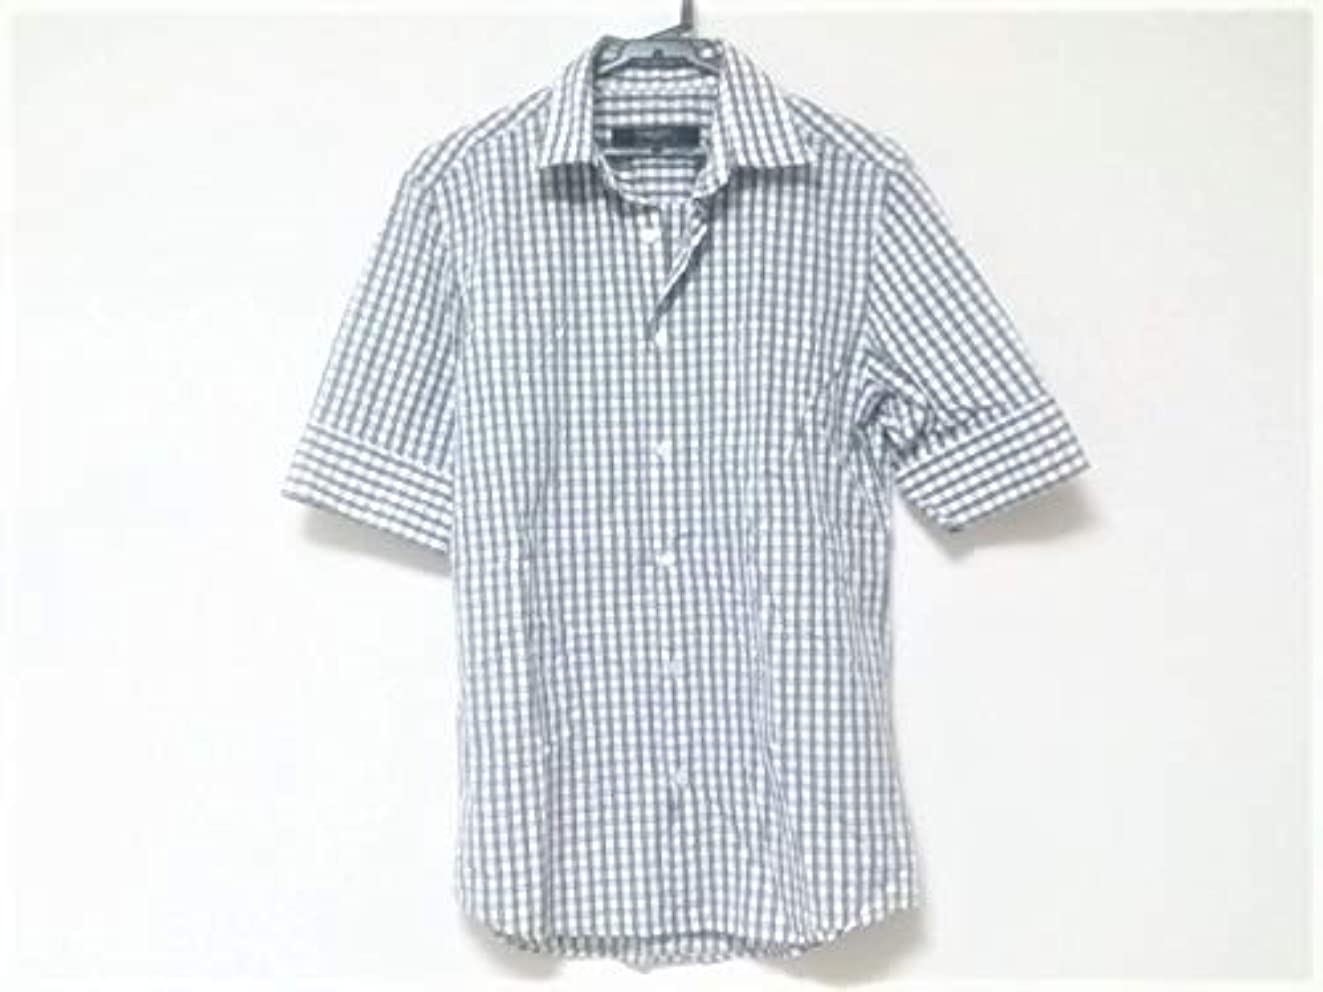 野菜エスニック多数の(ジバンシー) GIVENCHY シャツ 半袖シャツ メンズ 白×黒×グレー 【中古】